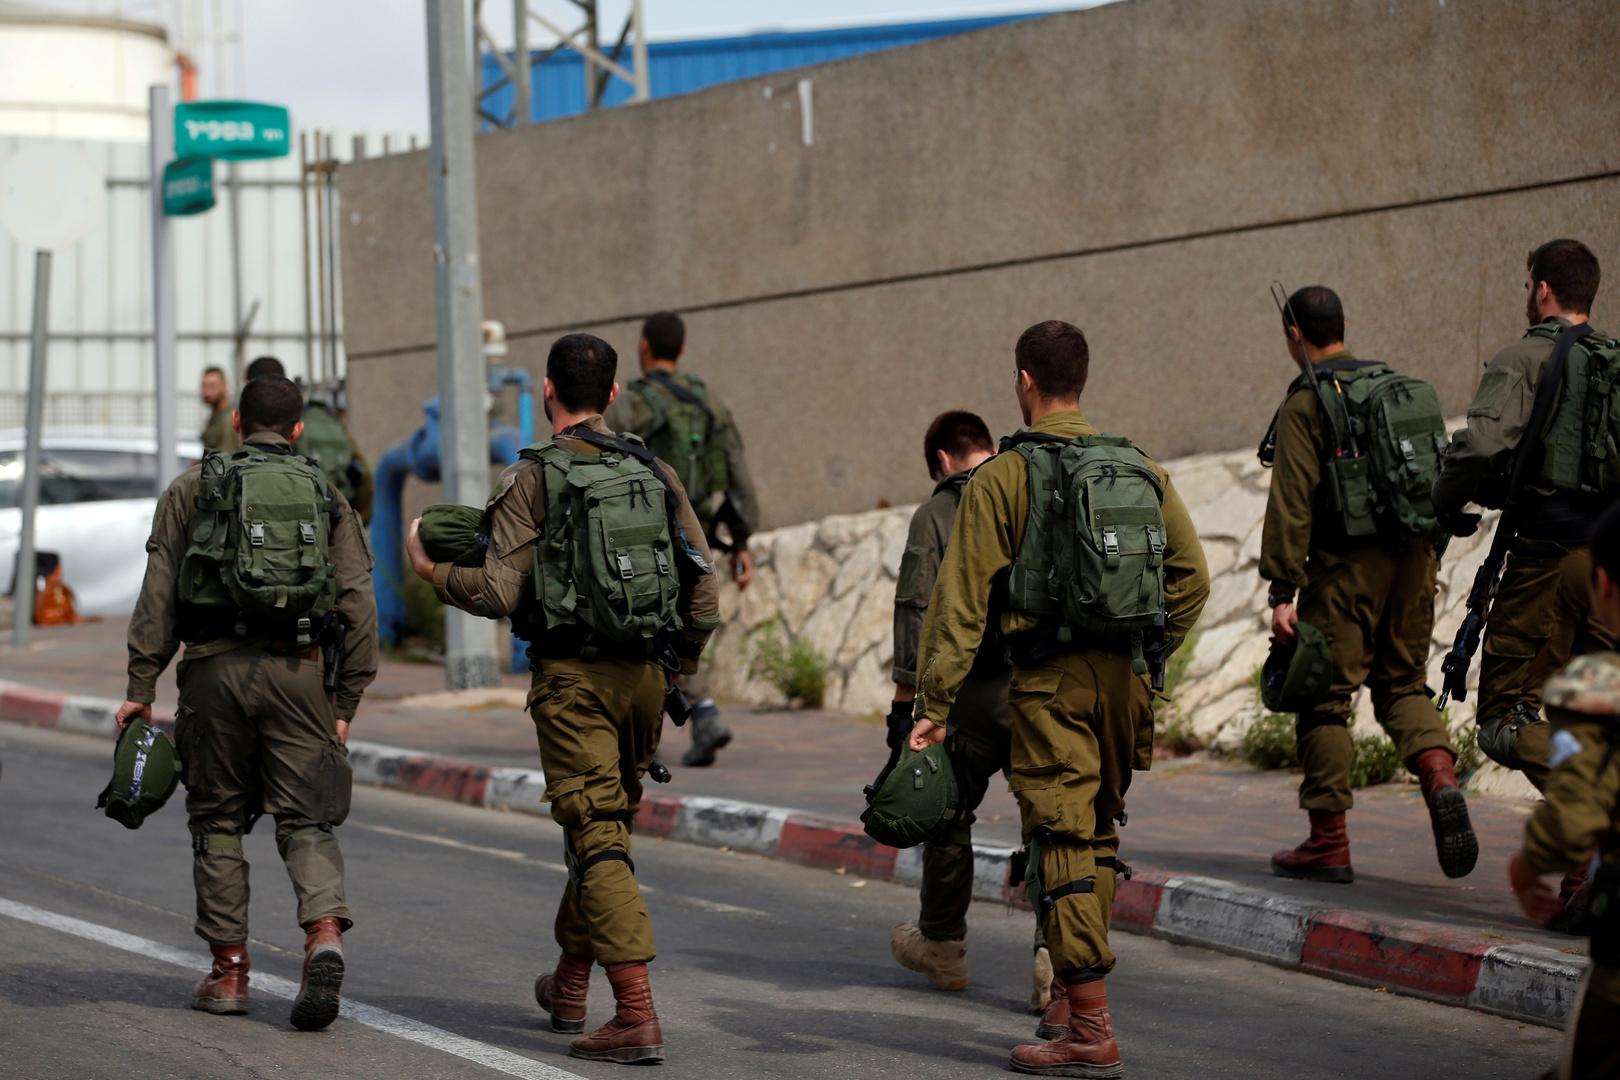 الجيش الإسرائيلي يعتقل مستوطنين لدى محاولة للتسلل إلى قاعدة في الضفة الغربية